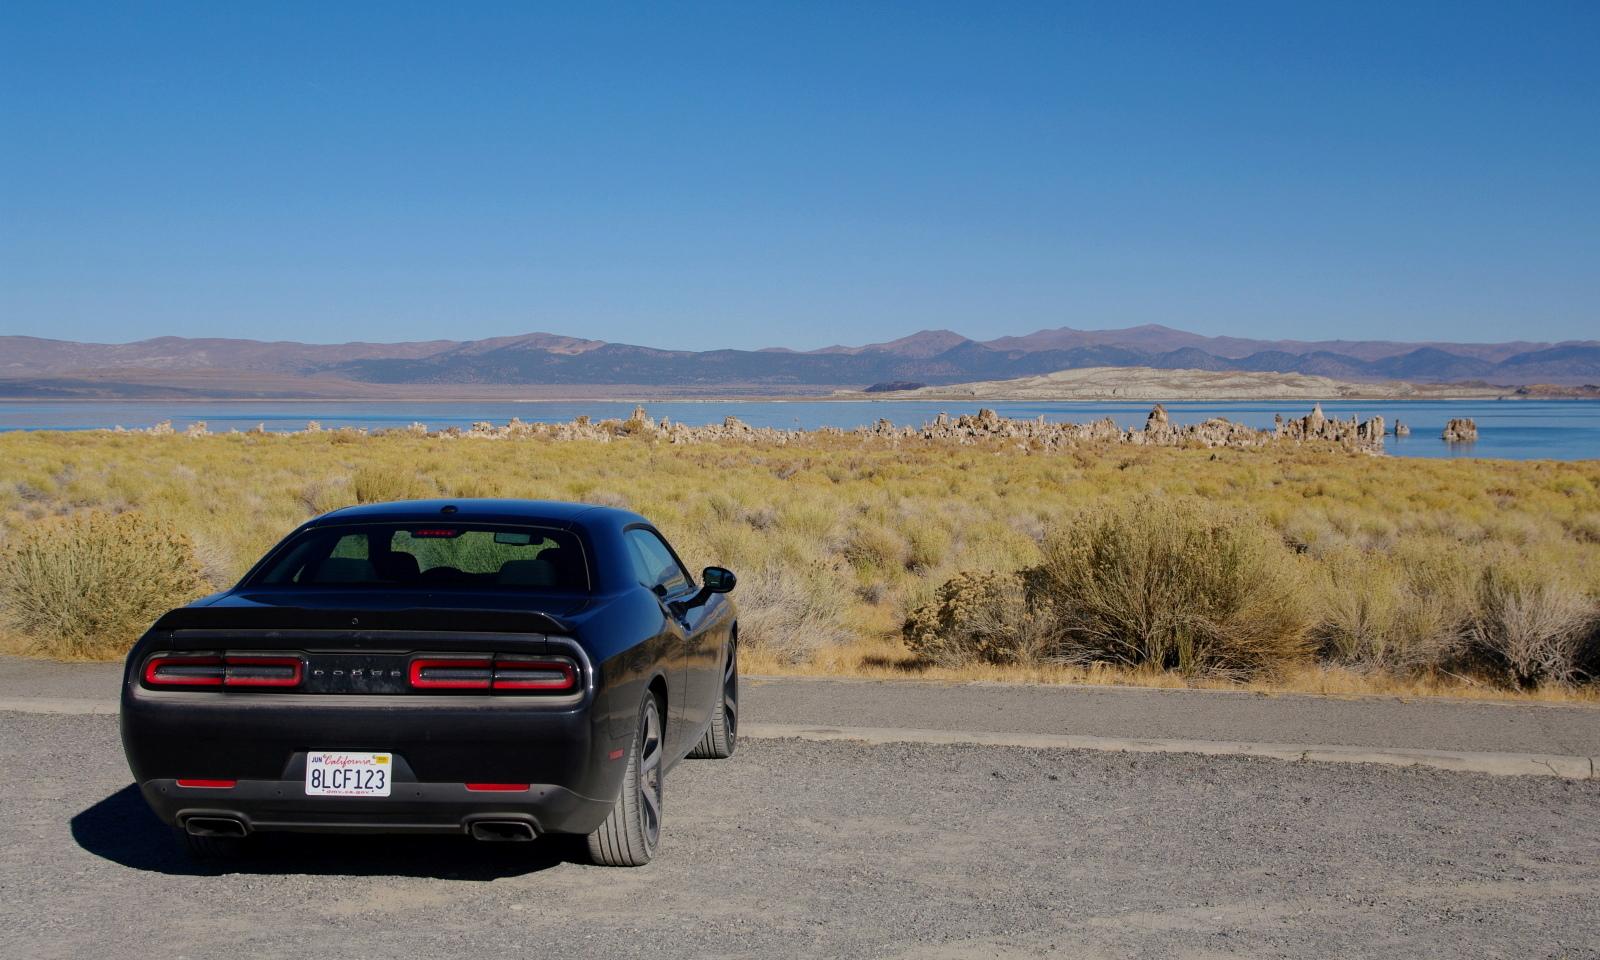 Road Trip / Ouest des USA en Challenger de location -Part II Imgpk246